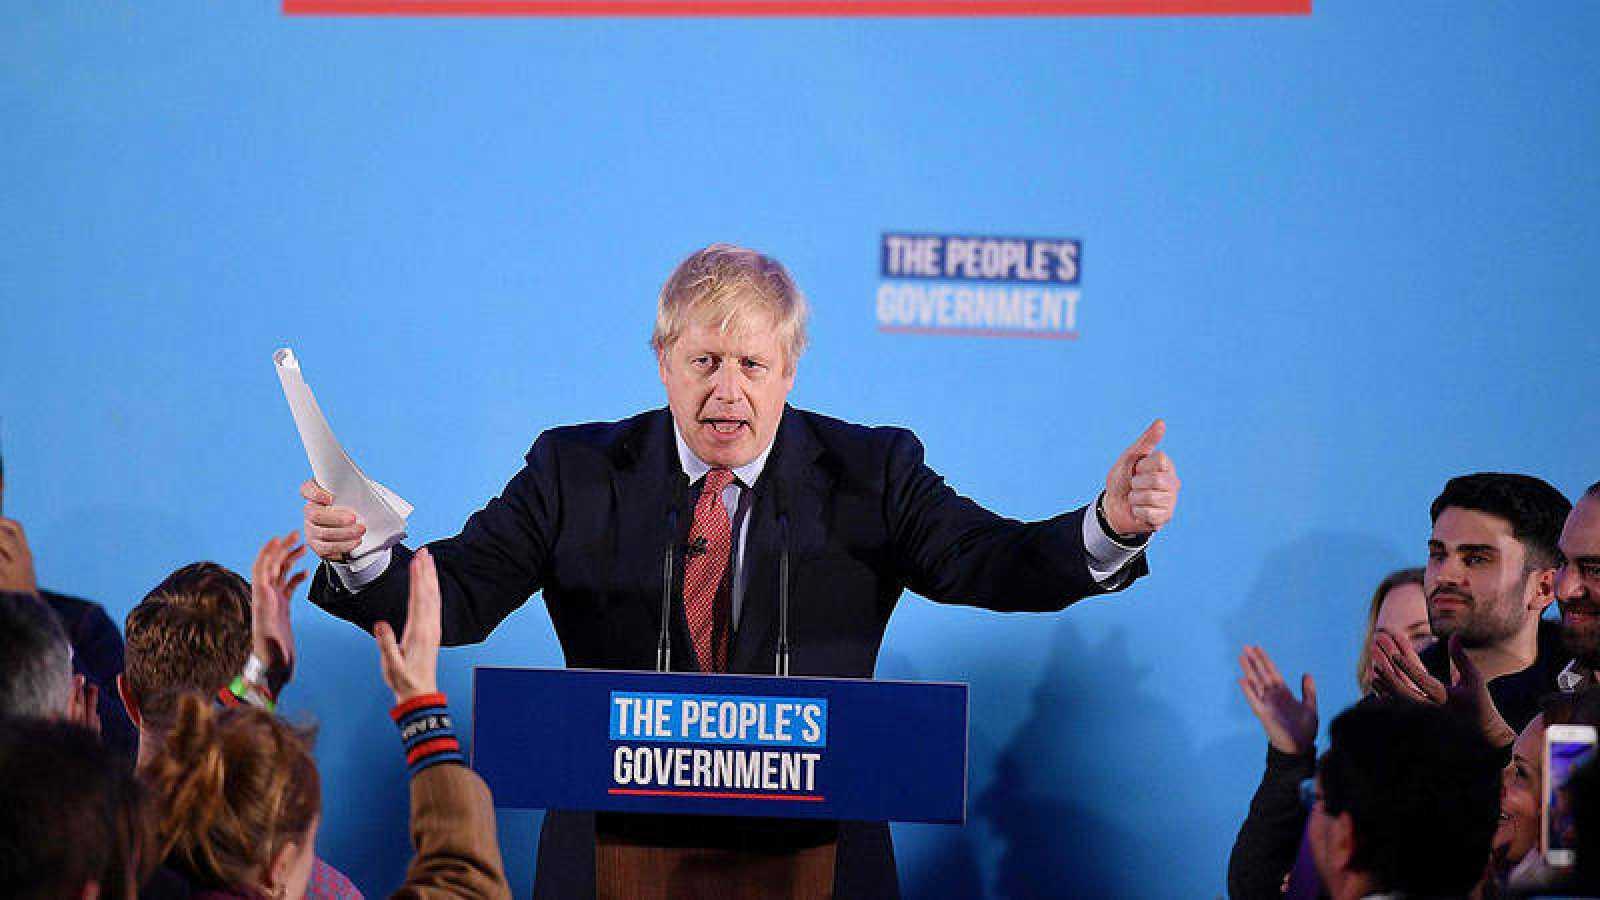 El líder conservador Boris Johnson habla en la sede de su partido tras obtener la mayoría absoluta en las elecciones (Foto: DANIEL LEAL-OLIVAS / AFP)